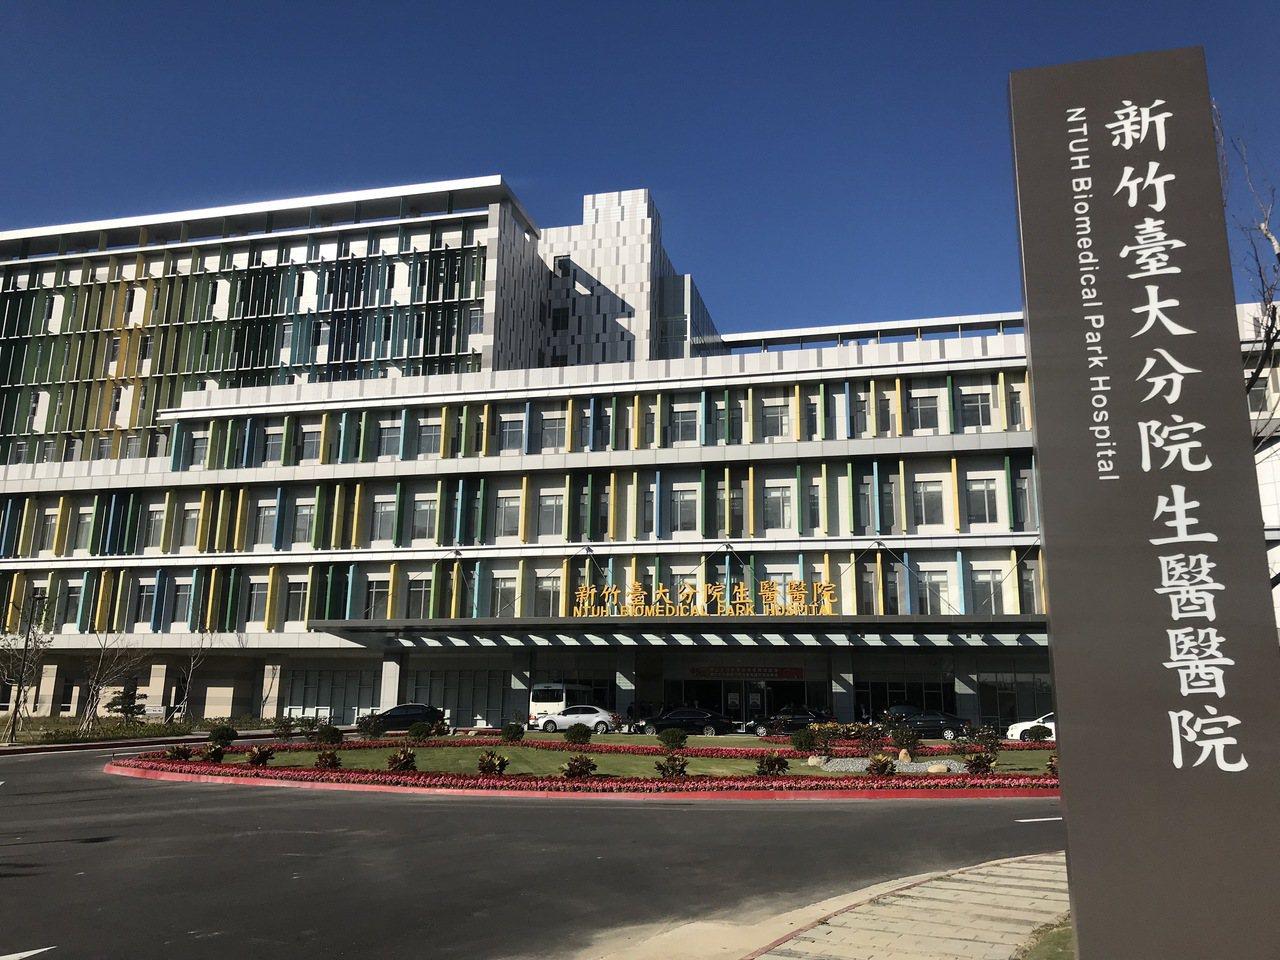 生醫分院定位在台灣醫療照護與生醫發展的國際櫥窗與卓越中心。記者郭政芬/攝影